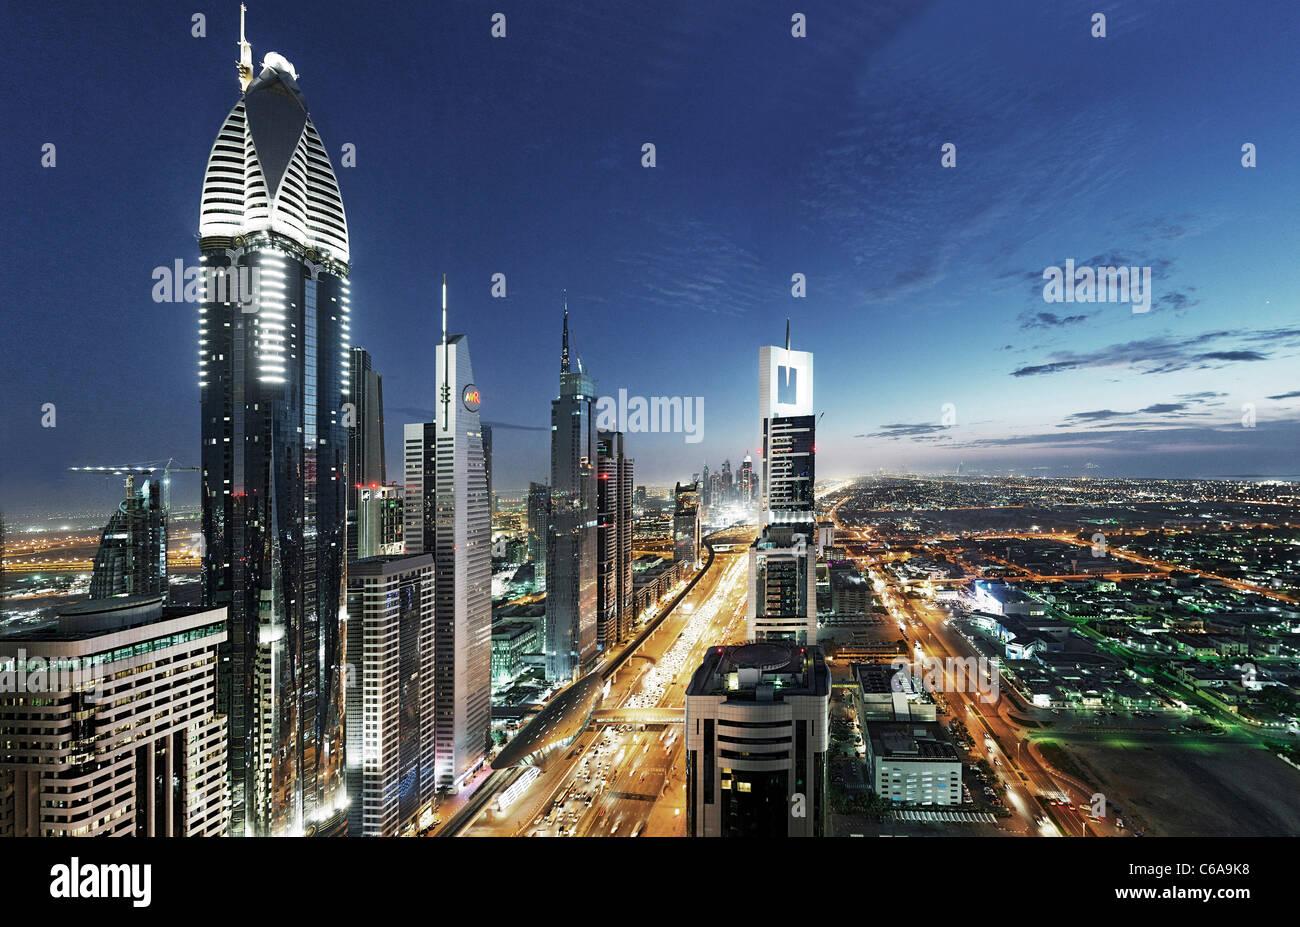 Por la noche, en el Golfo Pérsico, el tráfico de la ciudad, el centro de Dubai, Dubai, Emiratos Árabes Imagen De Stock